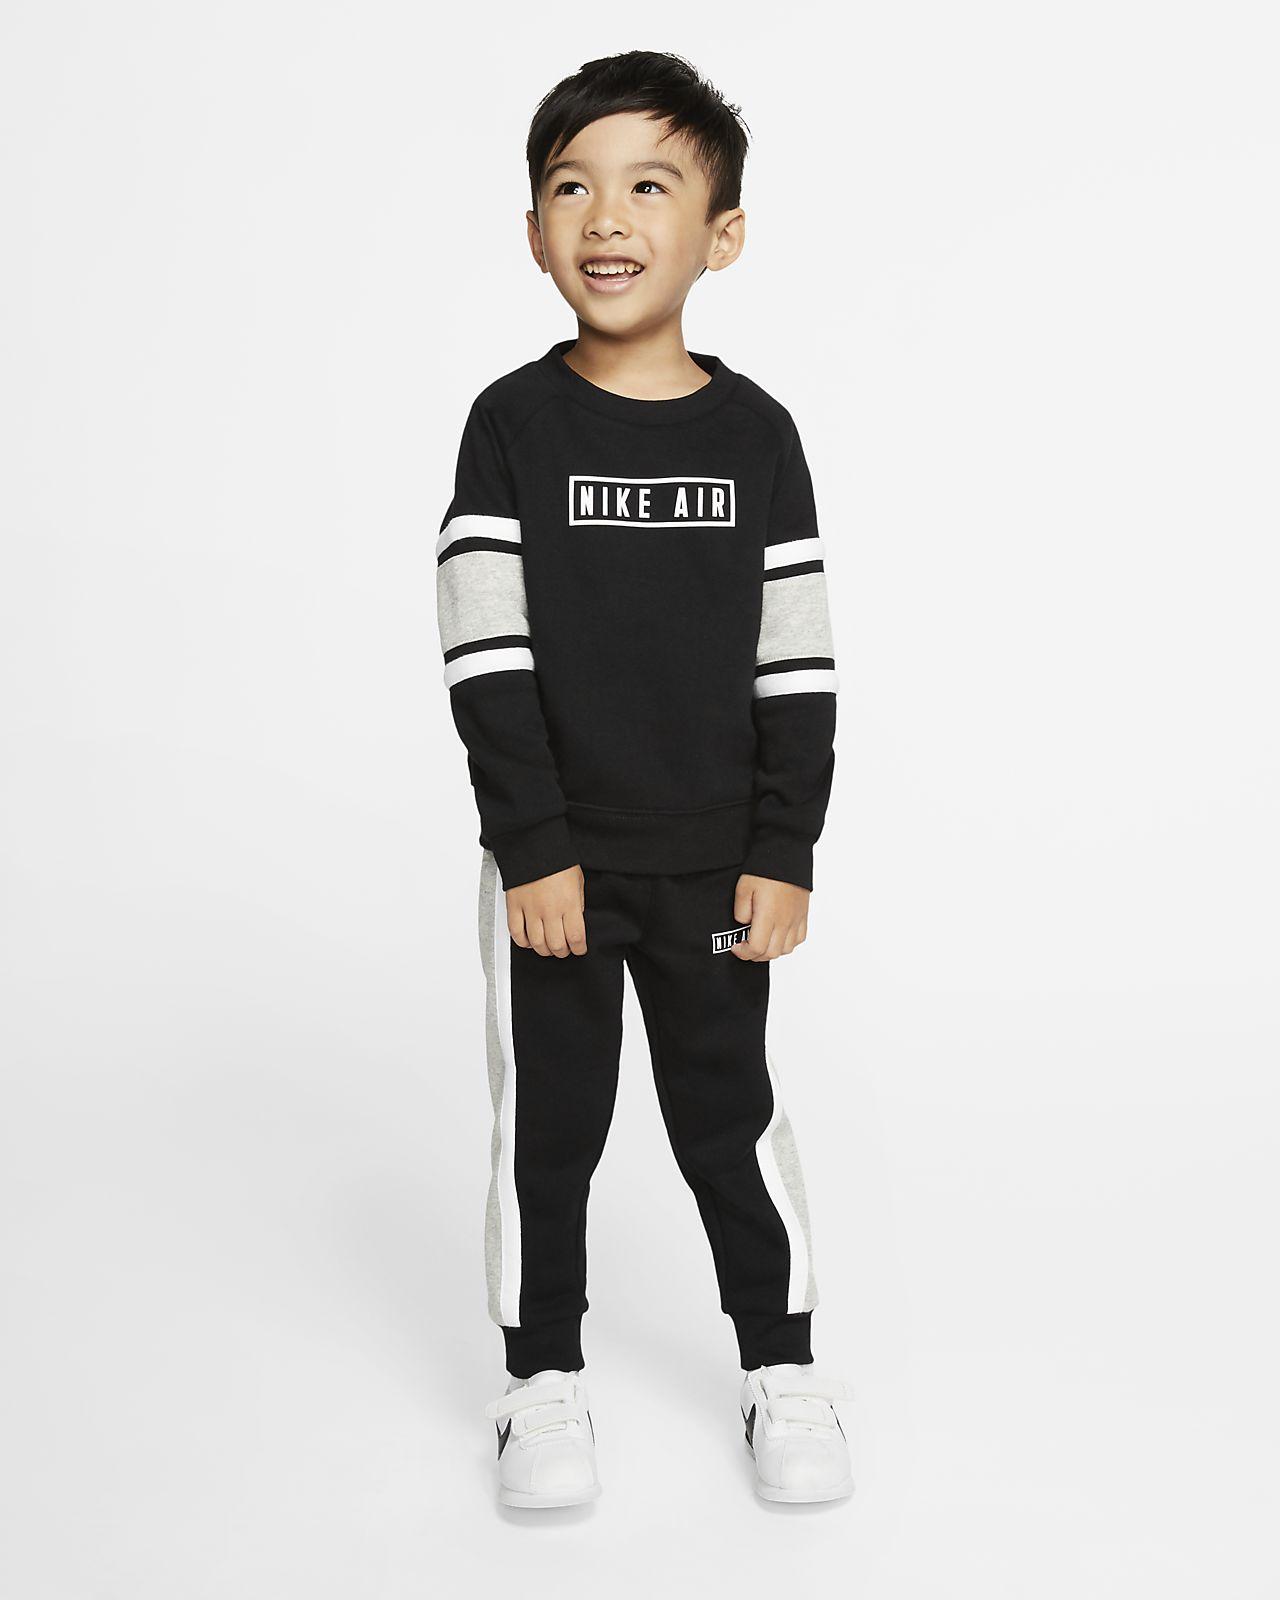 Nike Air kétrészes szett (kerek nyakkivágású pulóver és szabadidőnadrág) babáknak